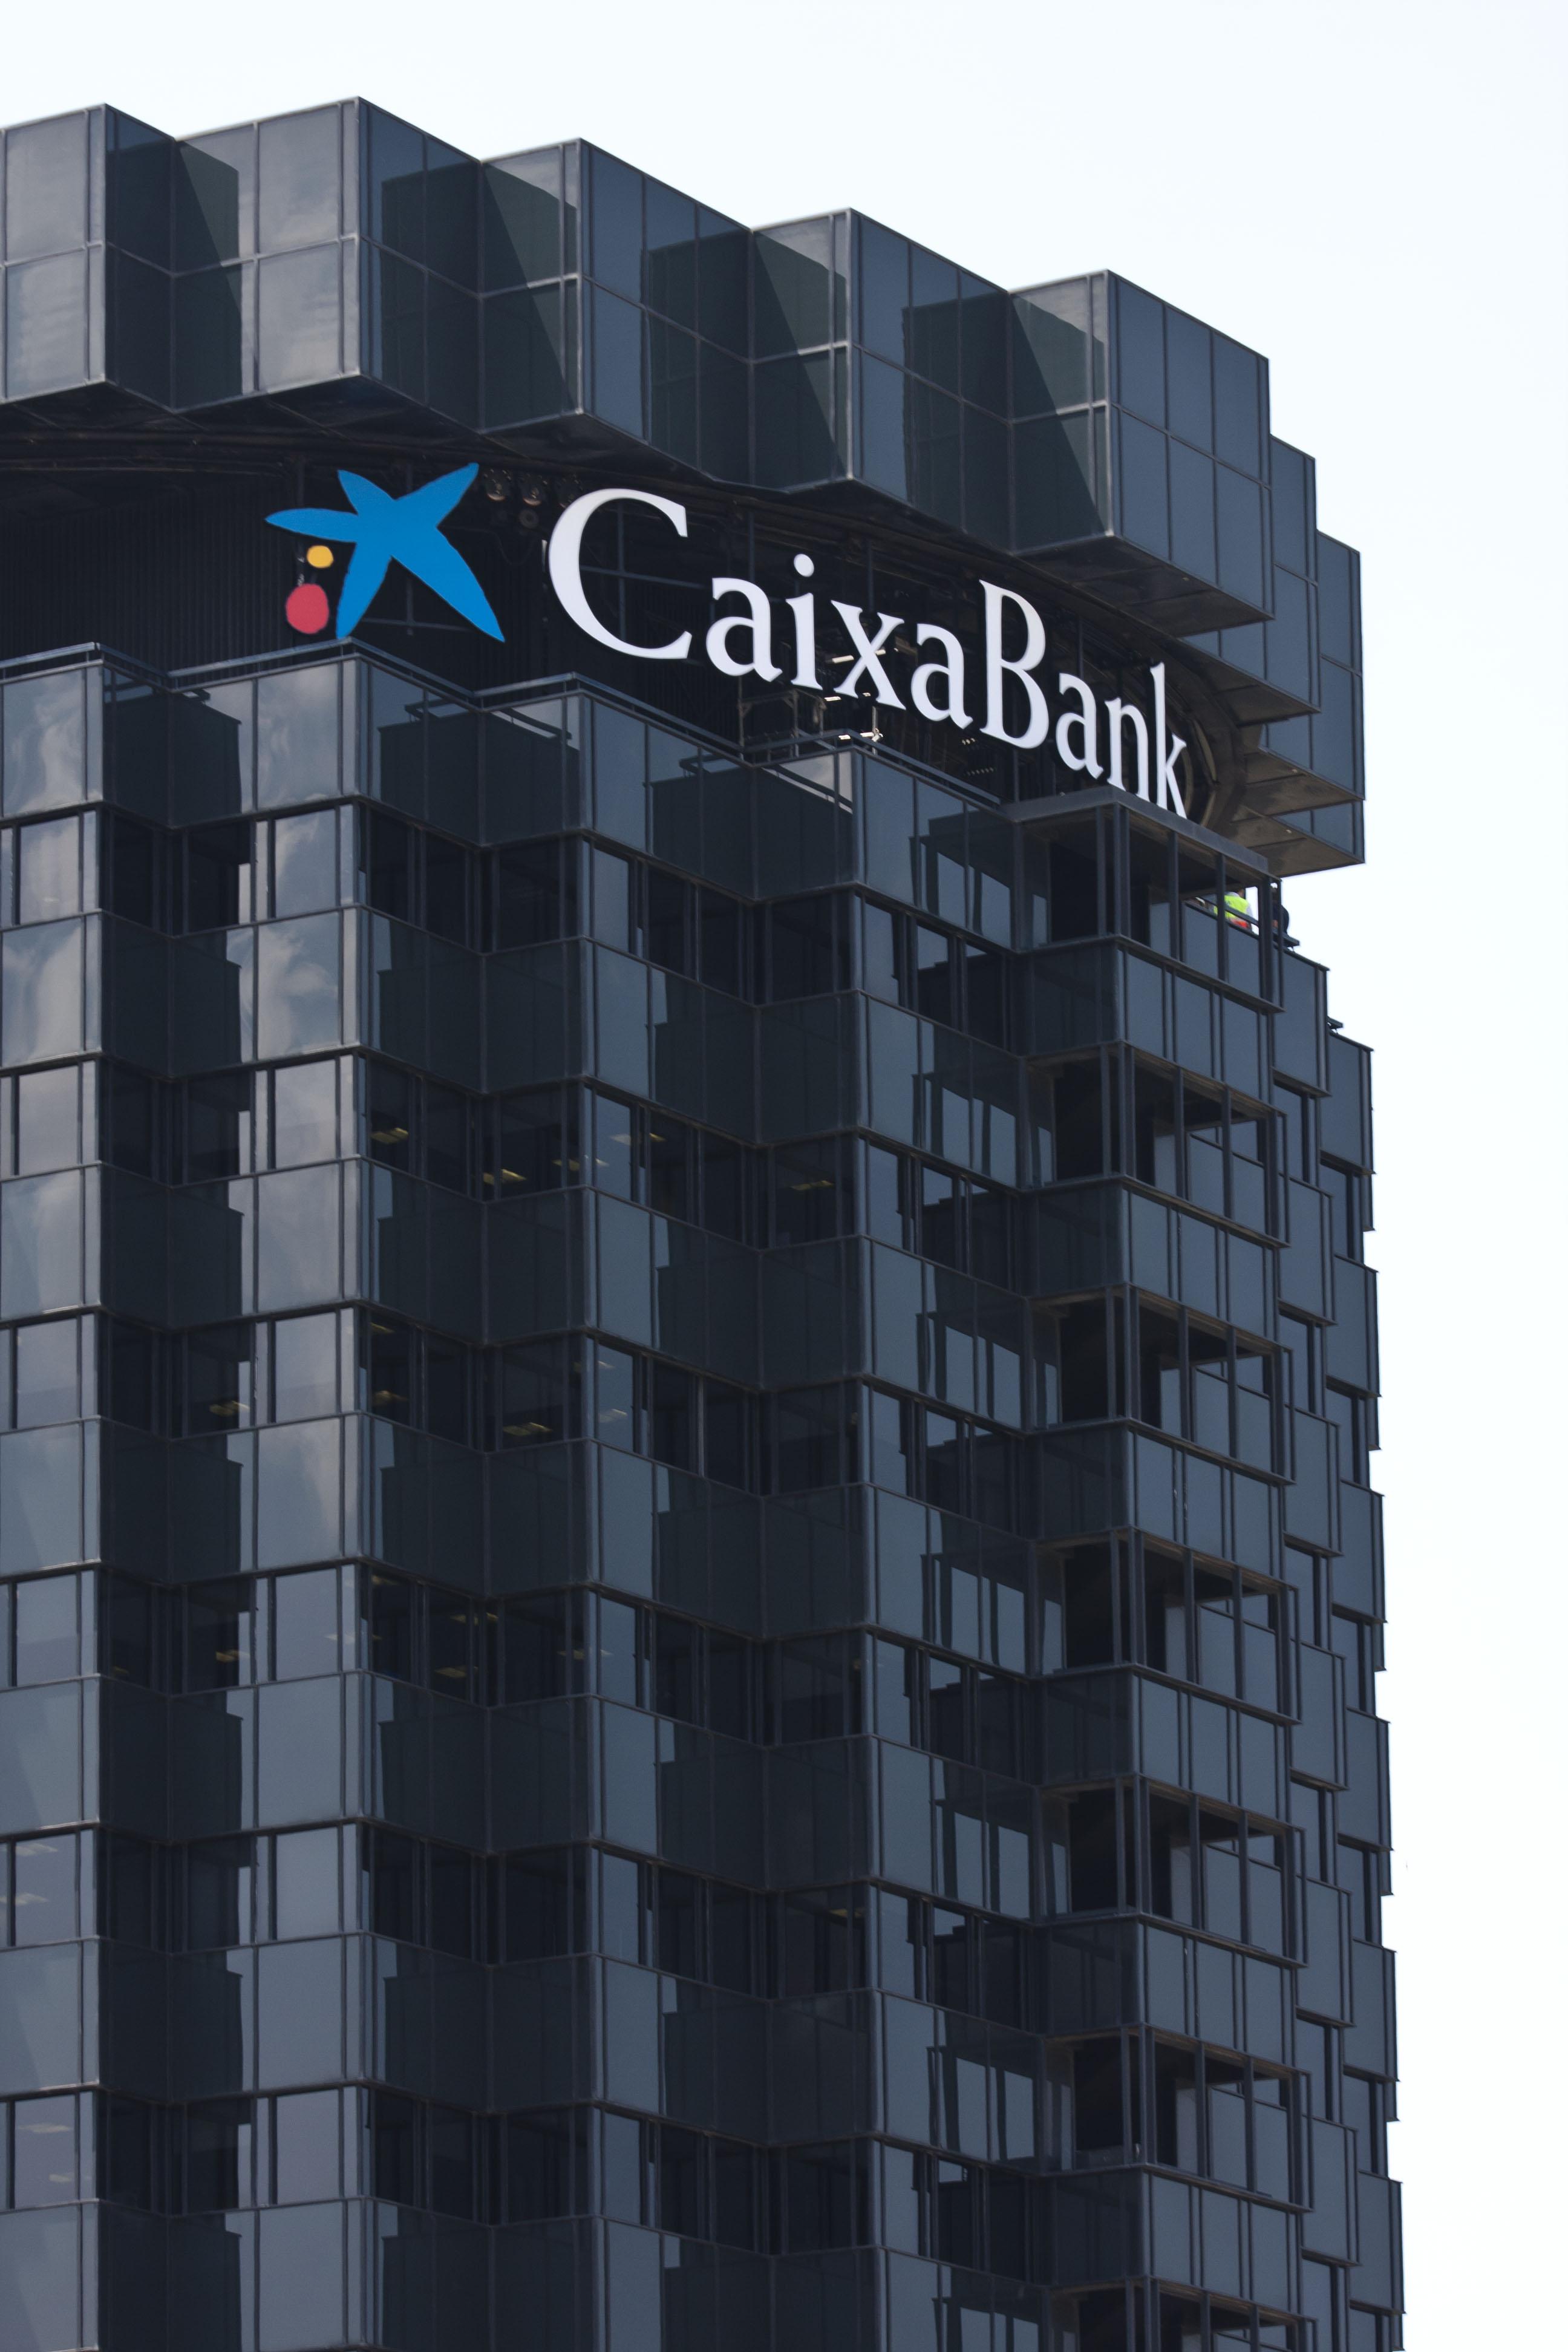 Caixabank caixa bank informaci n y tel fonos for Seguro hogar la caixa